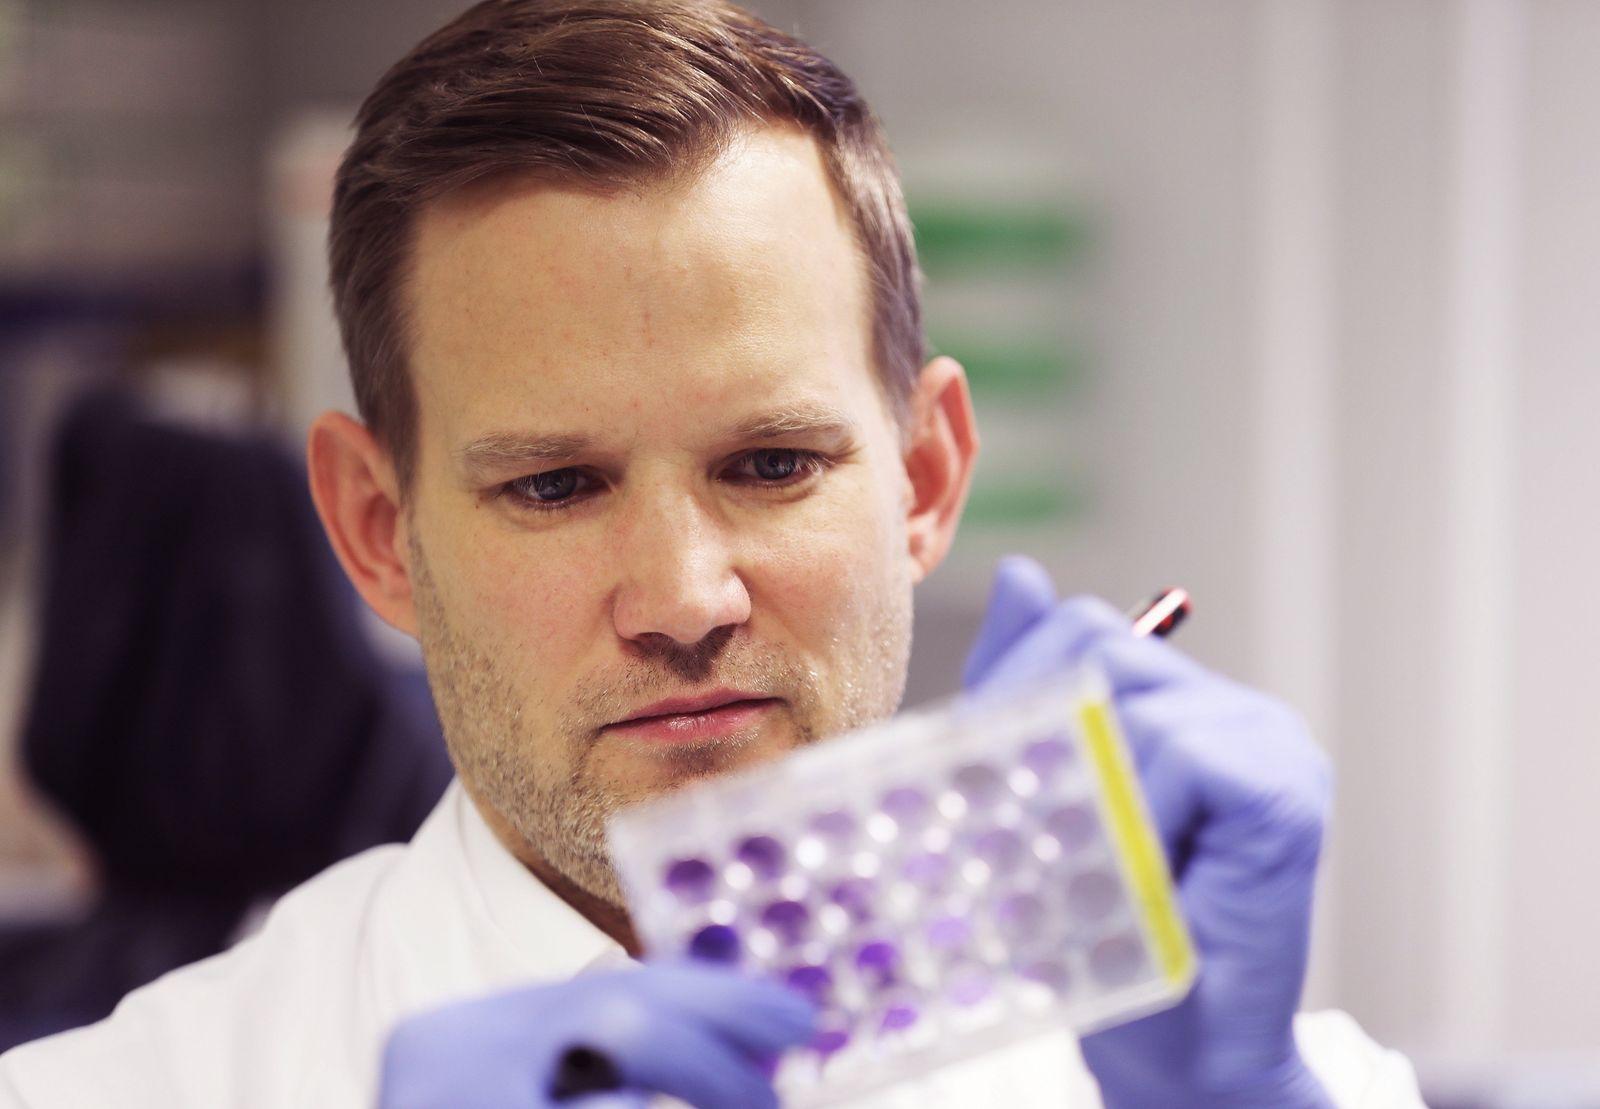 Virologe Streeck: In Gangelt feierten wohl mehrere Infizierte